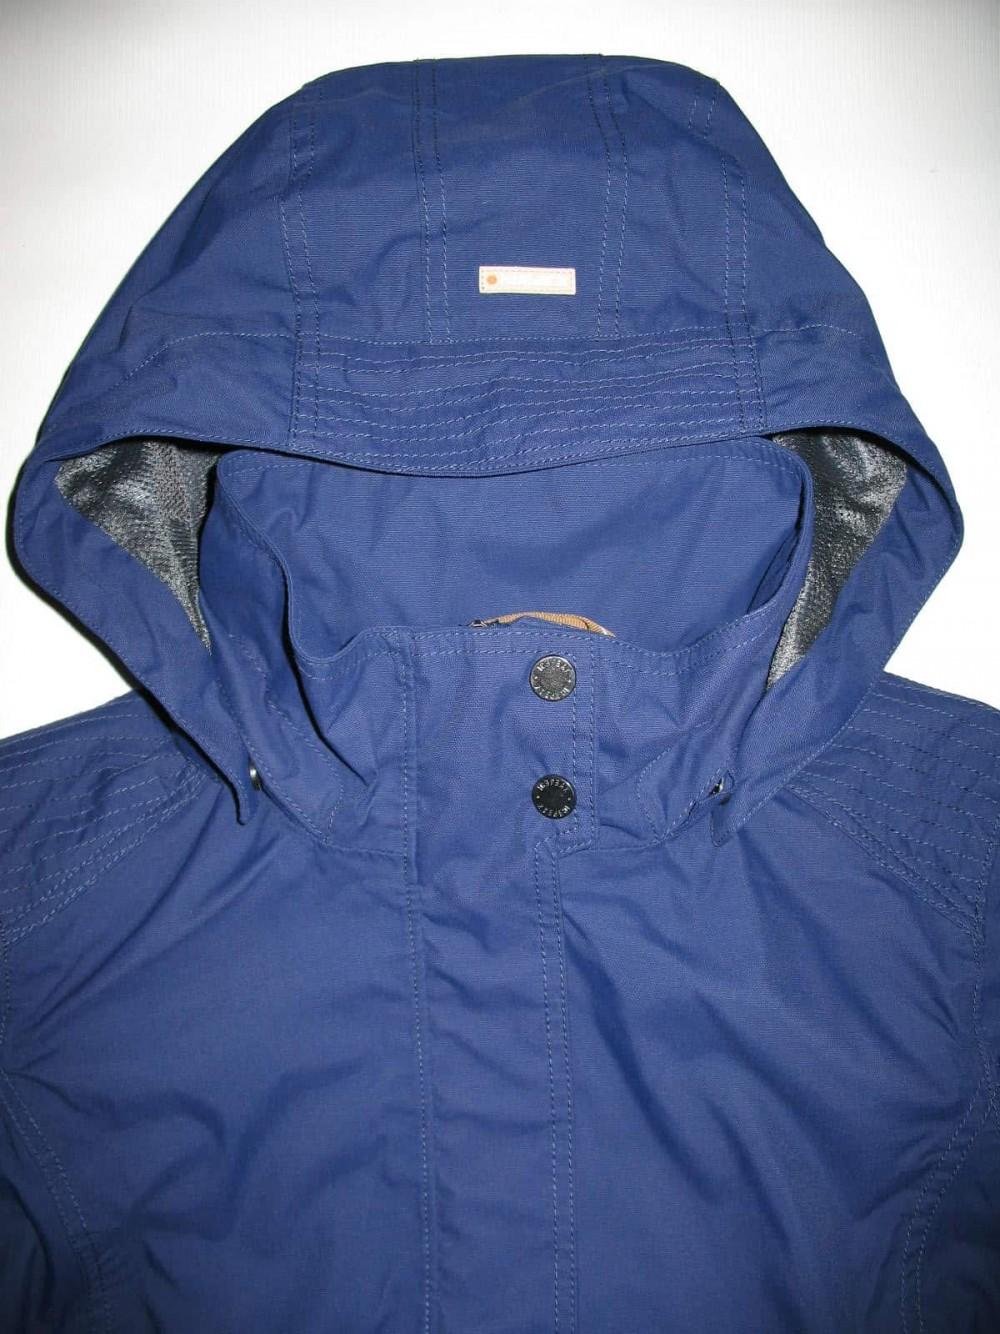 Куртка ICEPEAK icetech outdoor jacket lady (размер 40/M) - 2